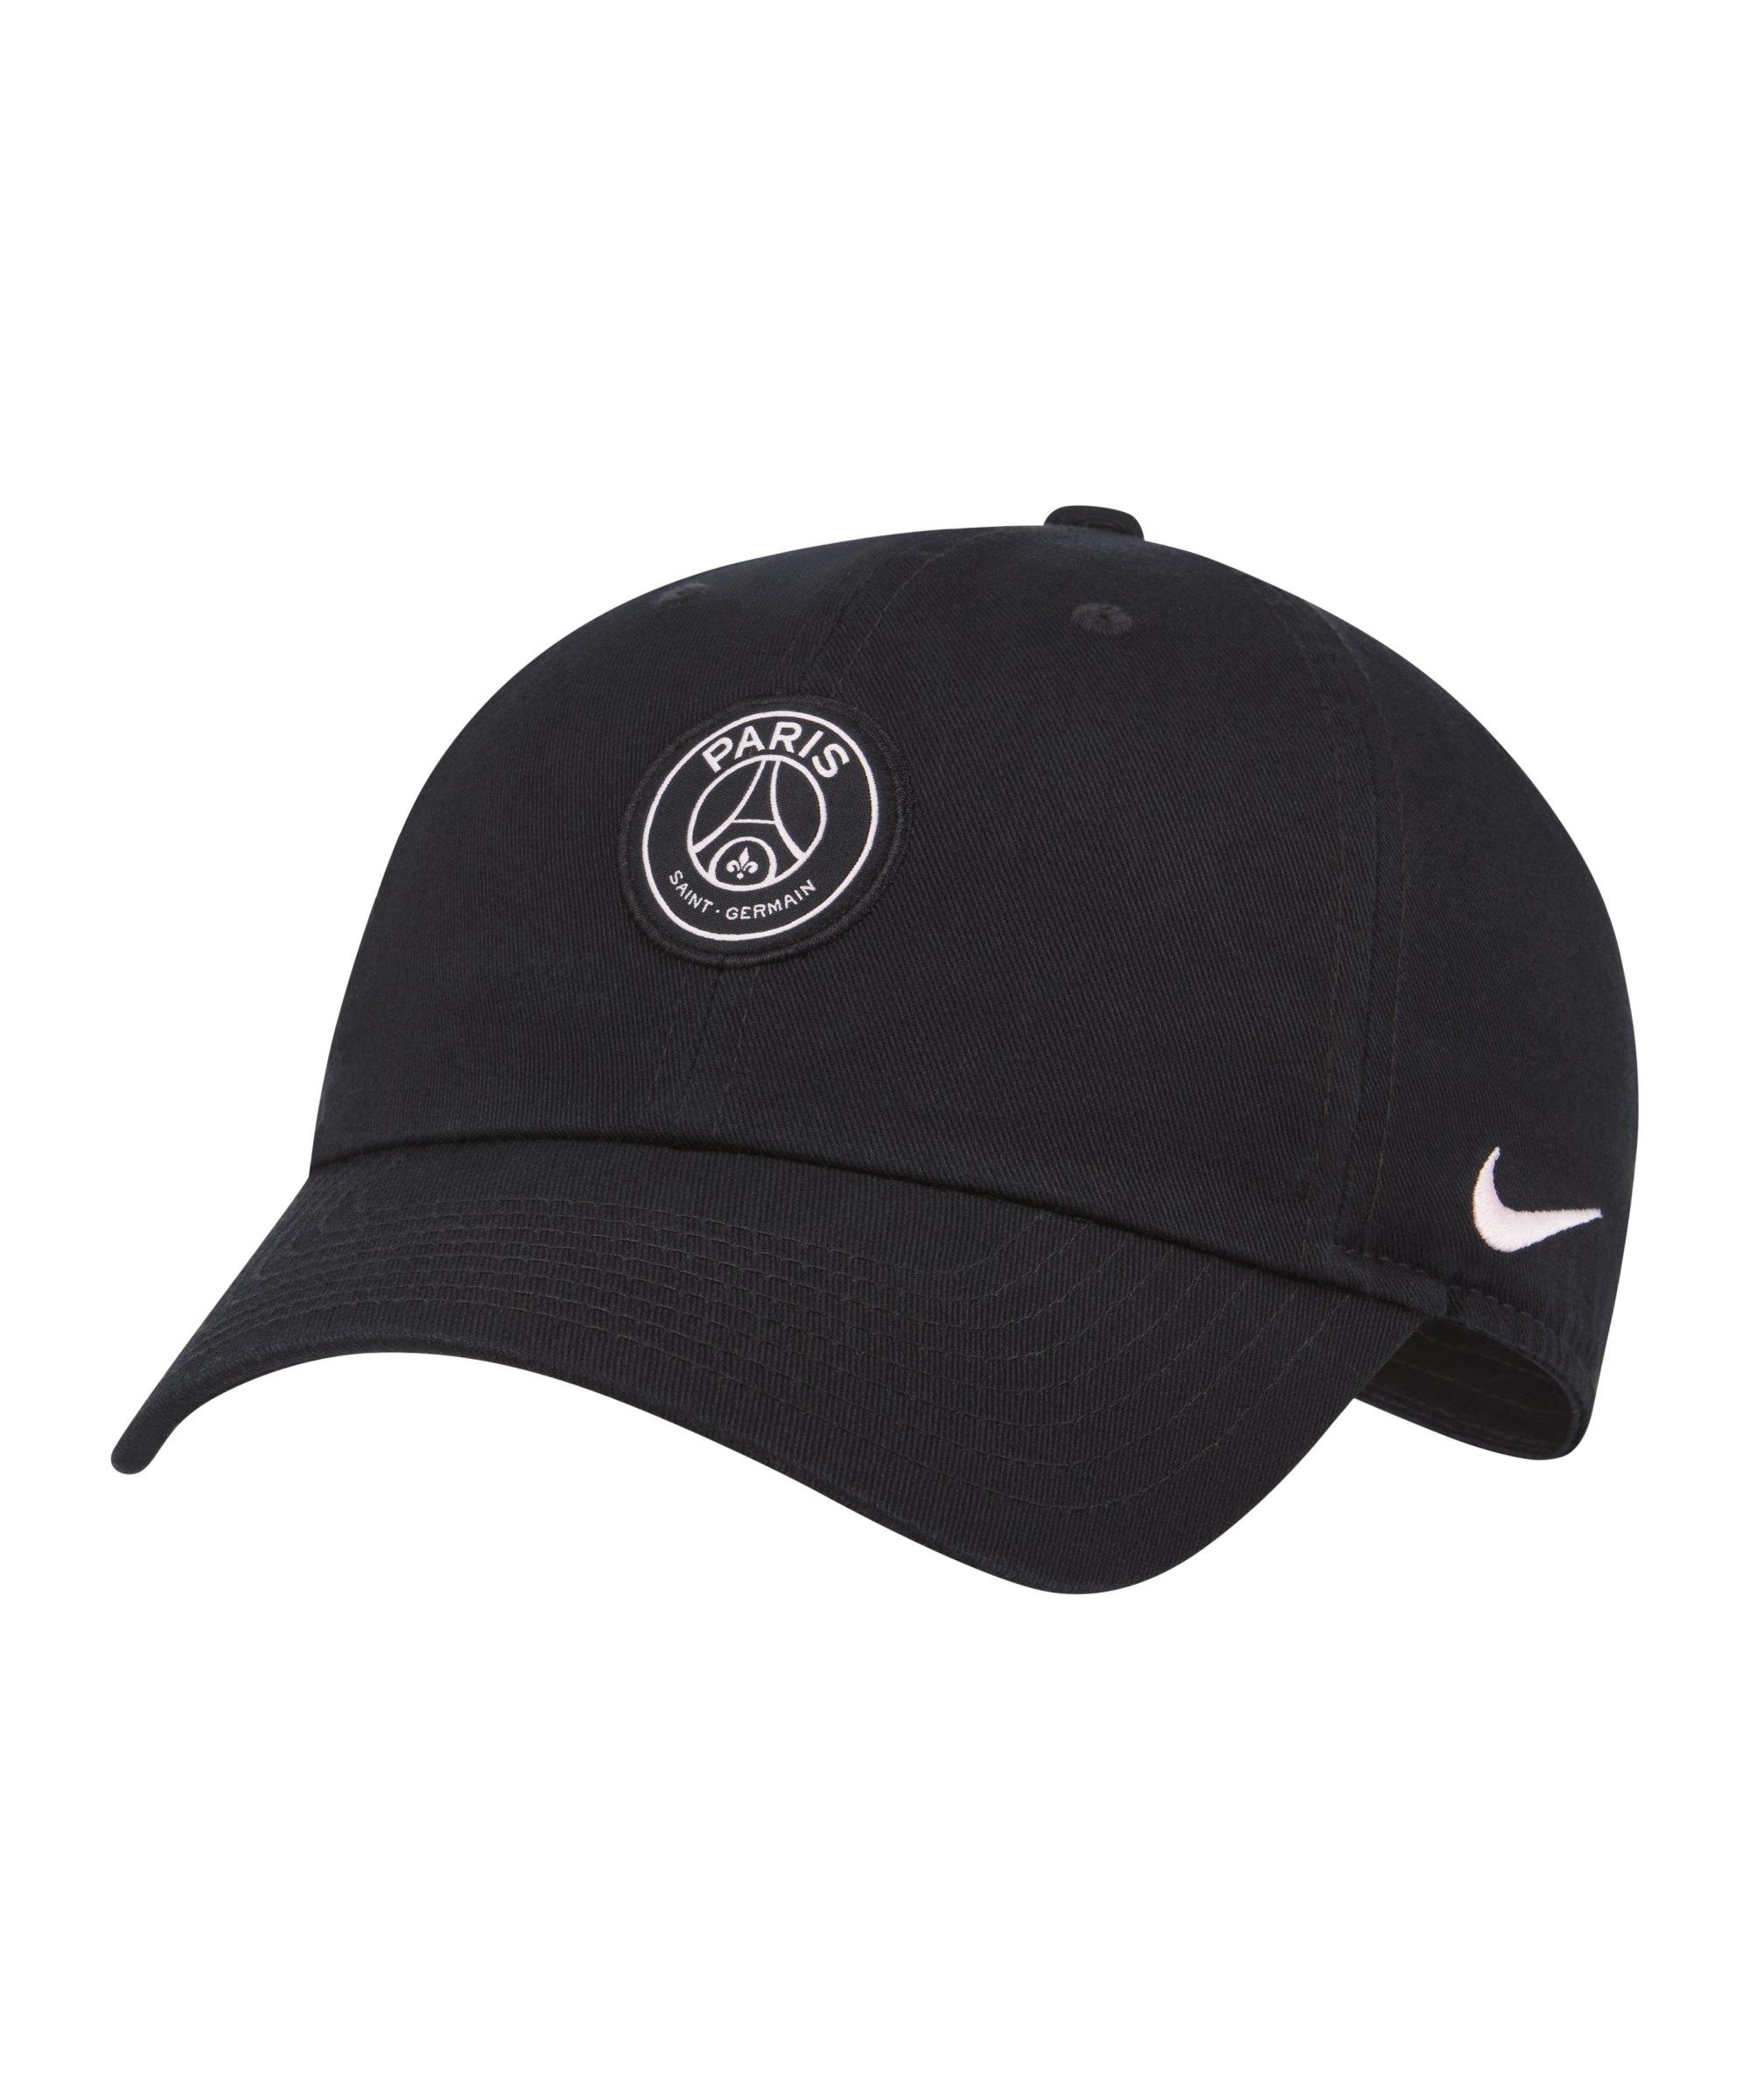 Nike Paris St. Germain H86 Cap Kids Schwarz F010 - schwarz